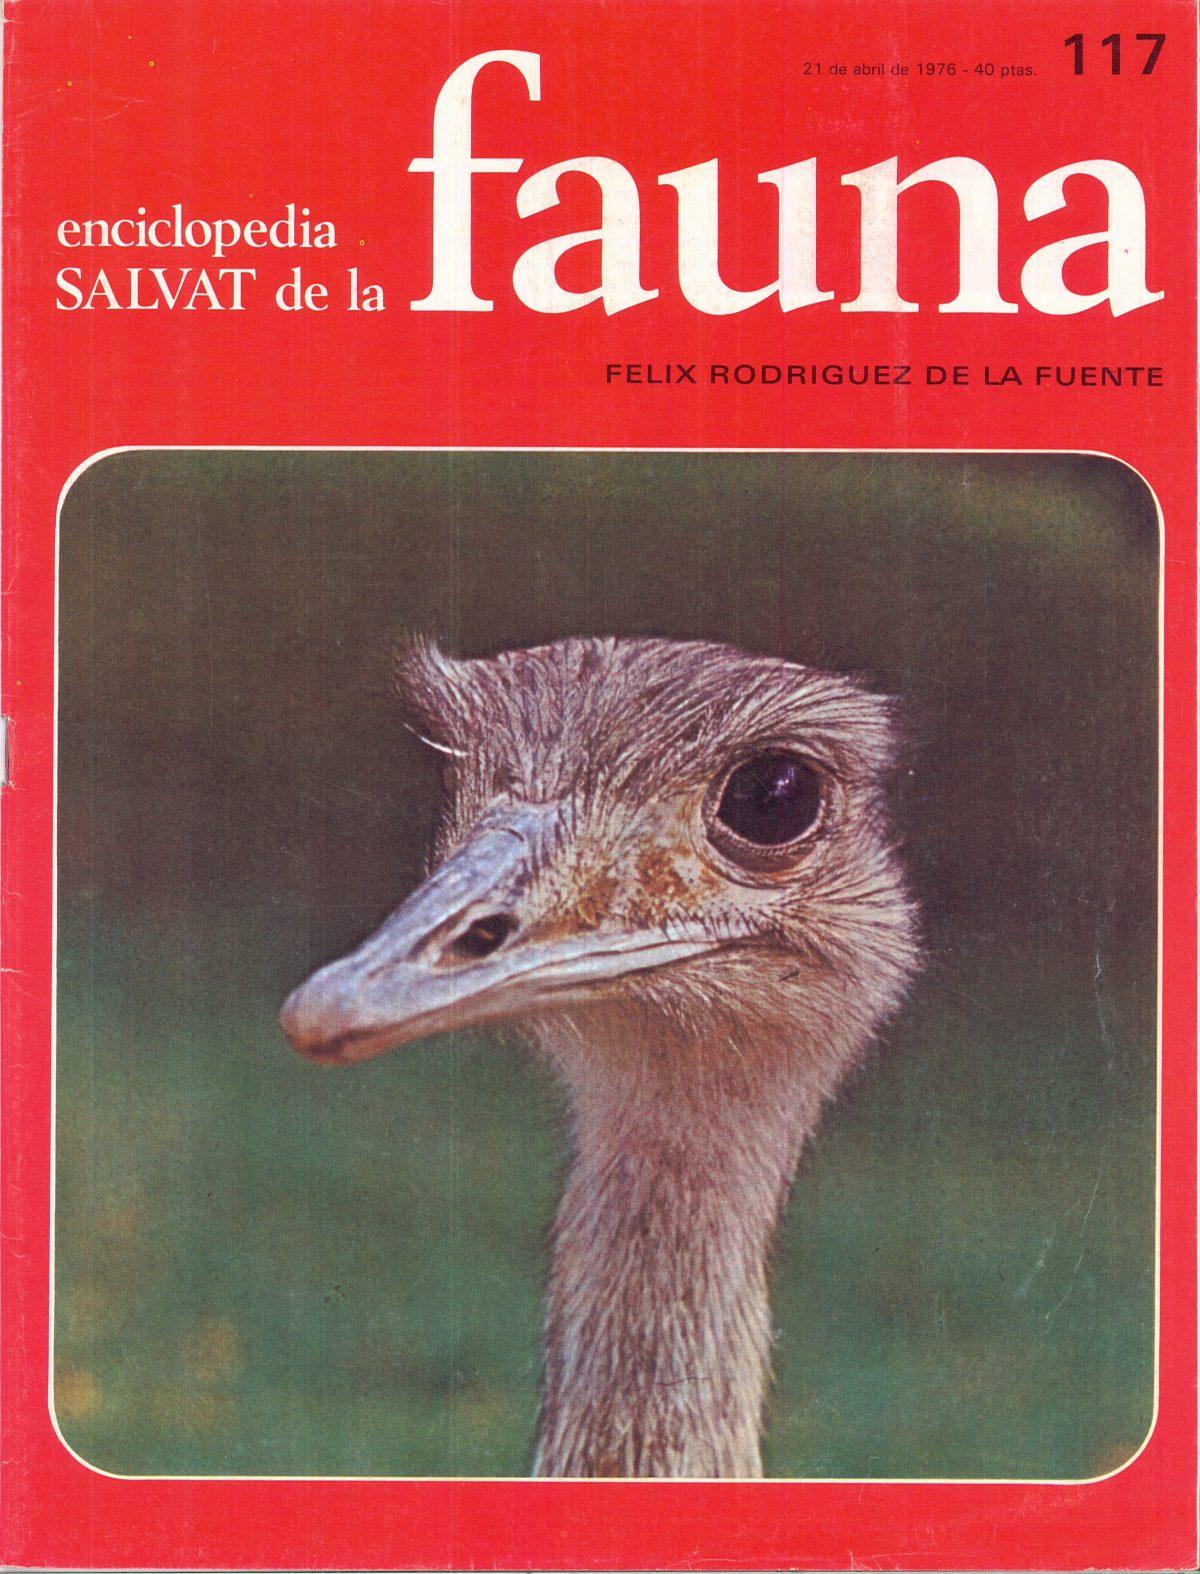 «Enciclopedia Salvat de la Fauna (Félix Rodríguez de la Fuente)»